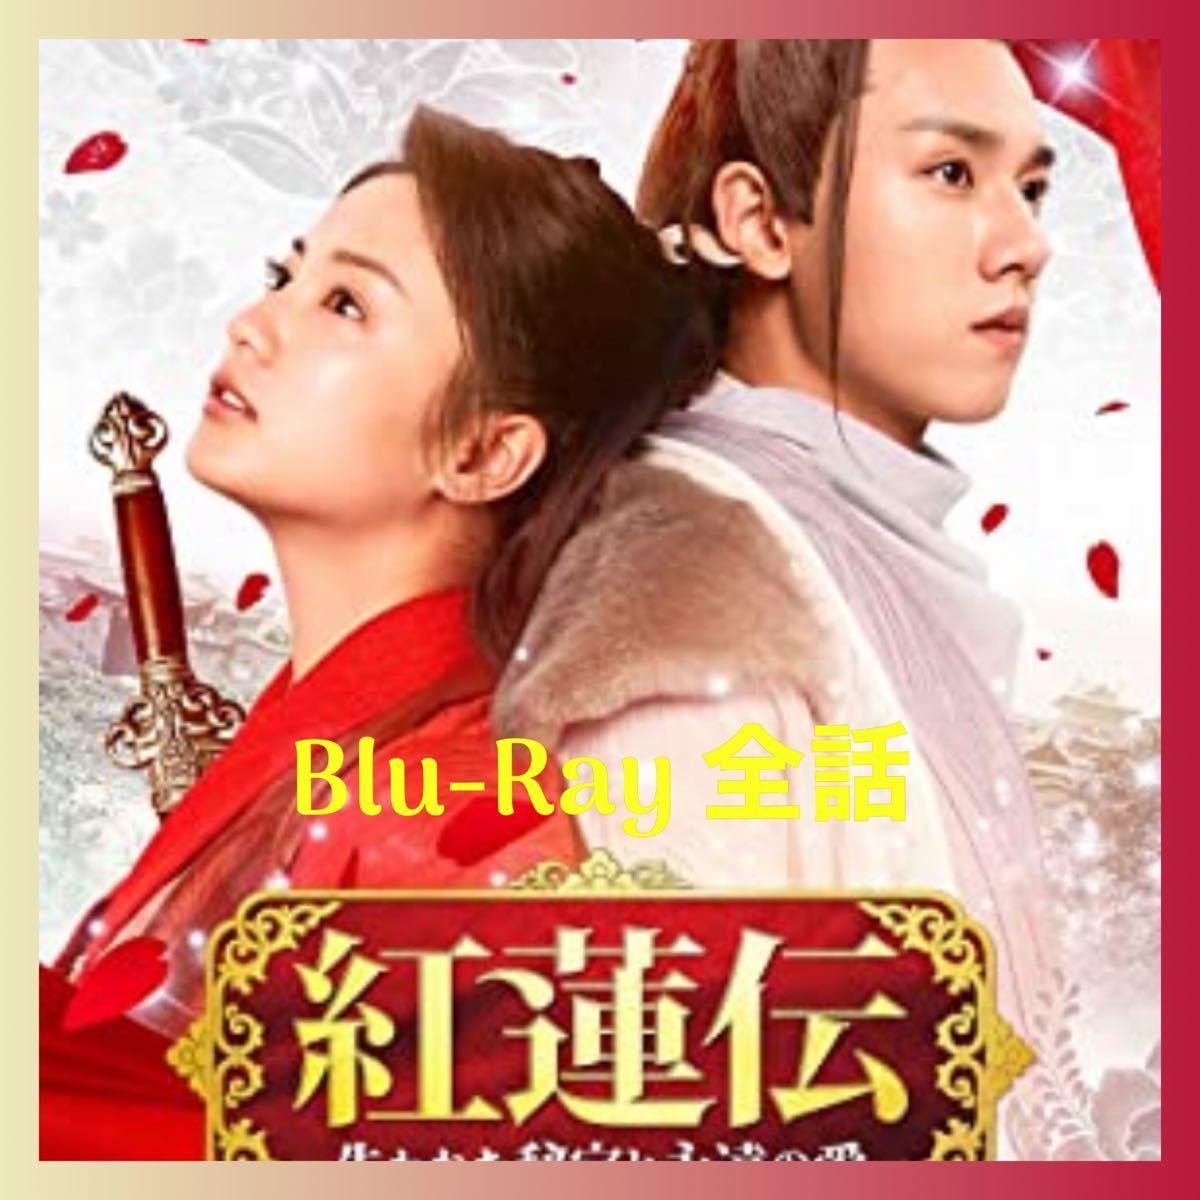 中国ドラマ 紅蓮伝 Blu-Ray全話他 うさぎママ様専用